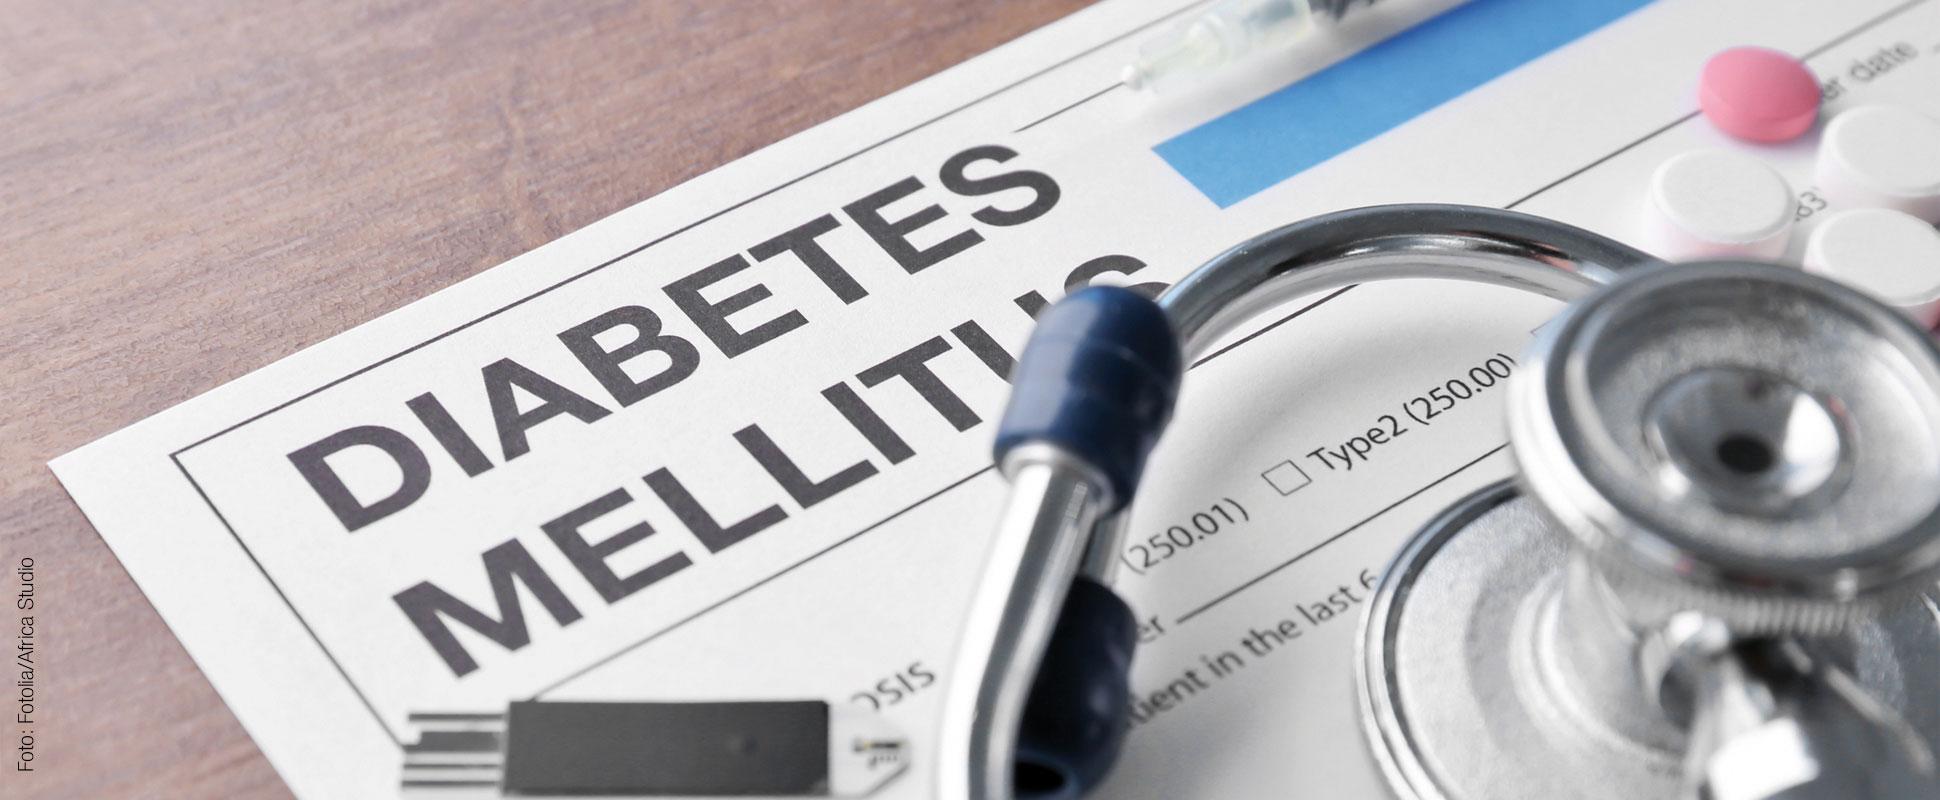 Diabetes? Vorsicht Magnesiummangel